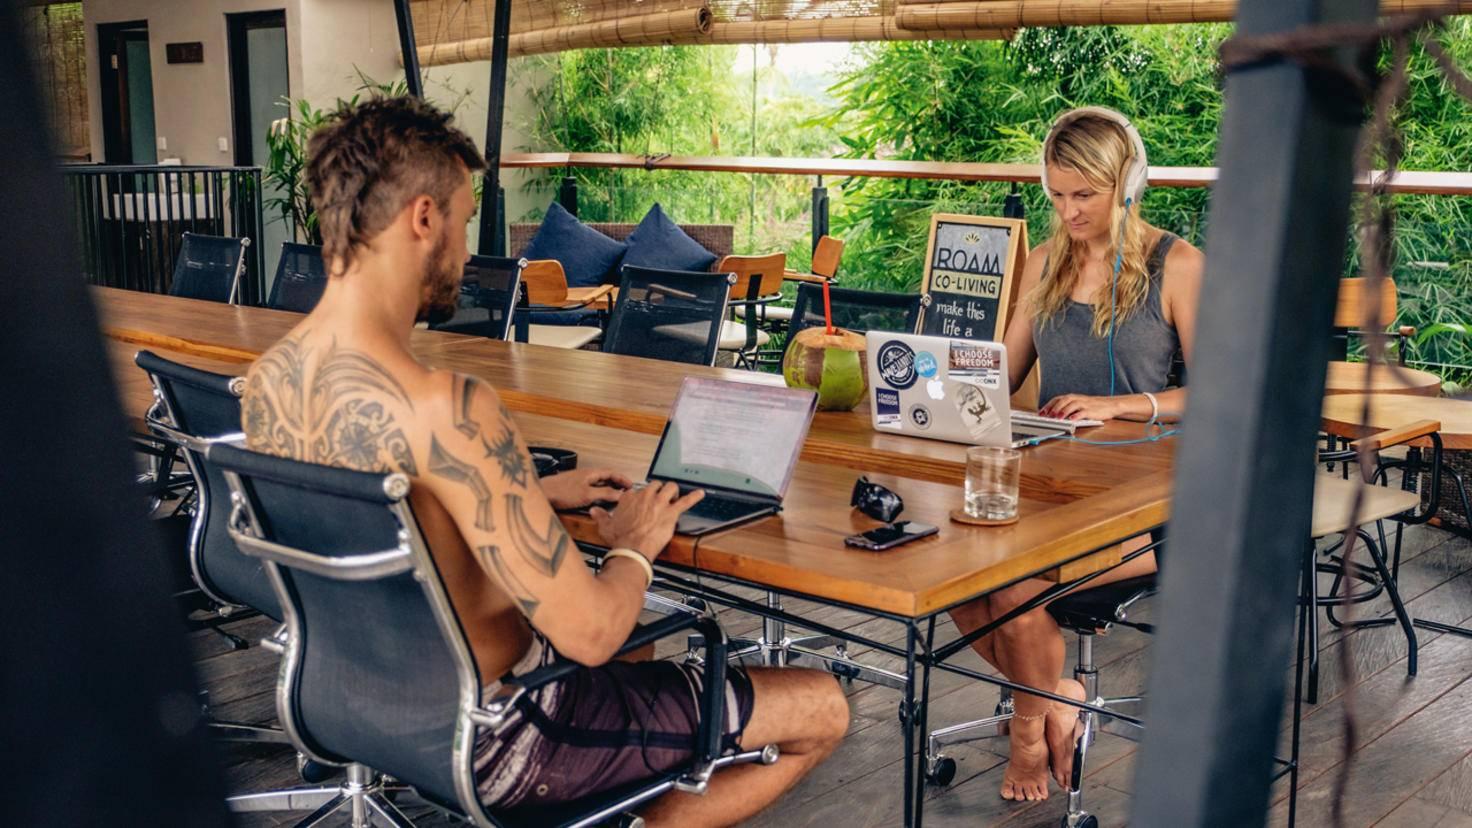 Stuhl statt Hängematte: Auf Bali hat man sich auf arbeitende Traveller bereits perfekt eingestellt.